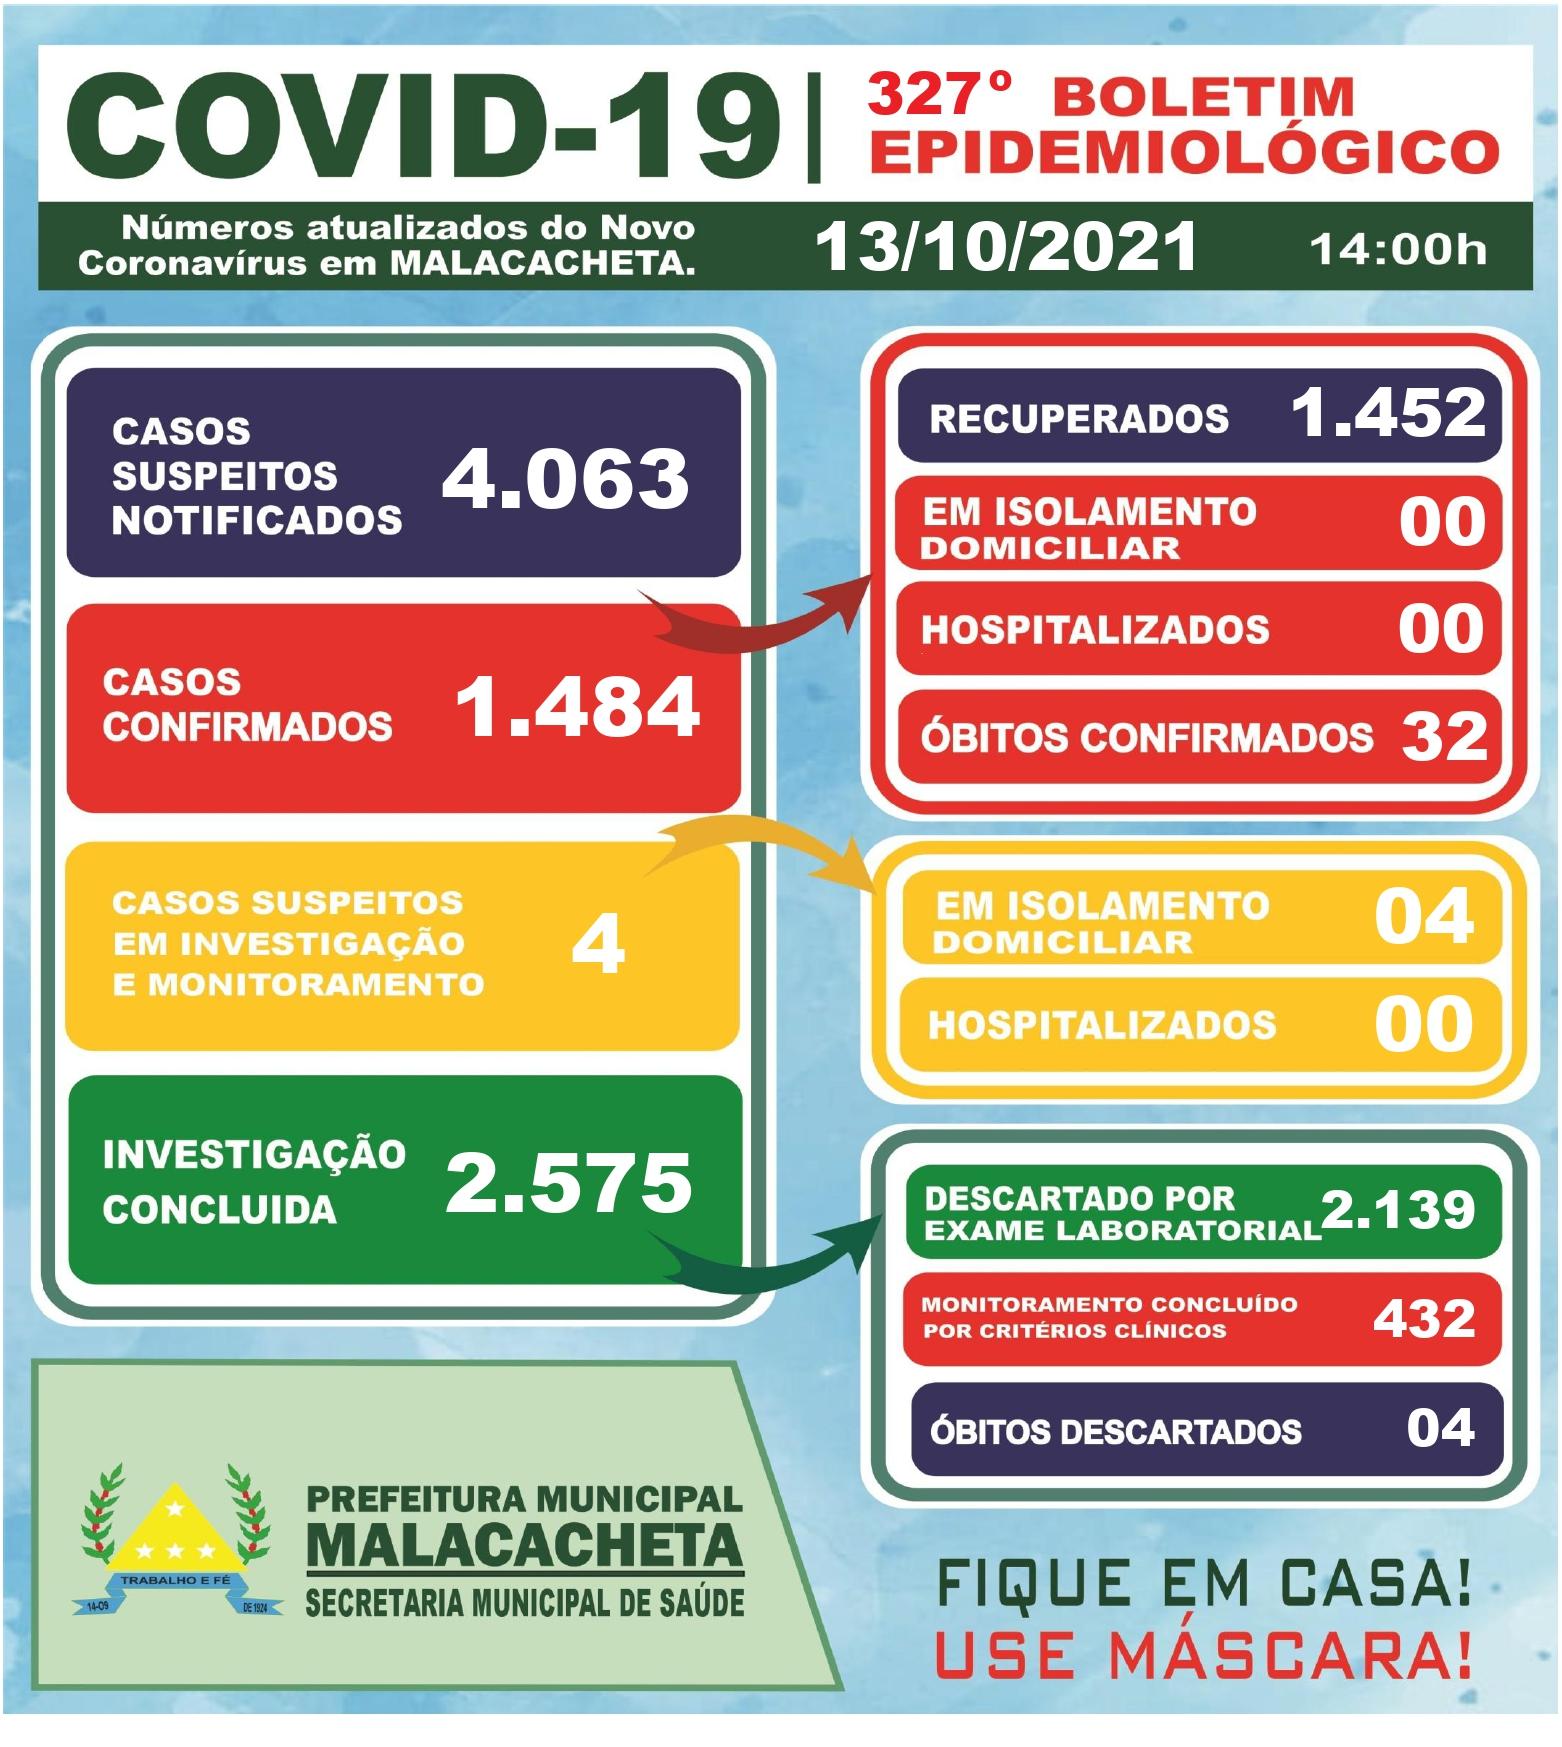 BOLETIM OFICIAL CORONAVÍRUS 13 DE OUTUBRO DE 2021